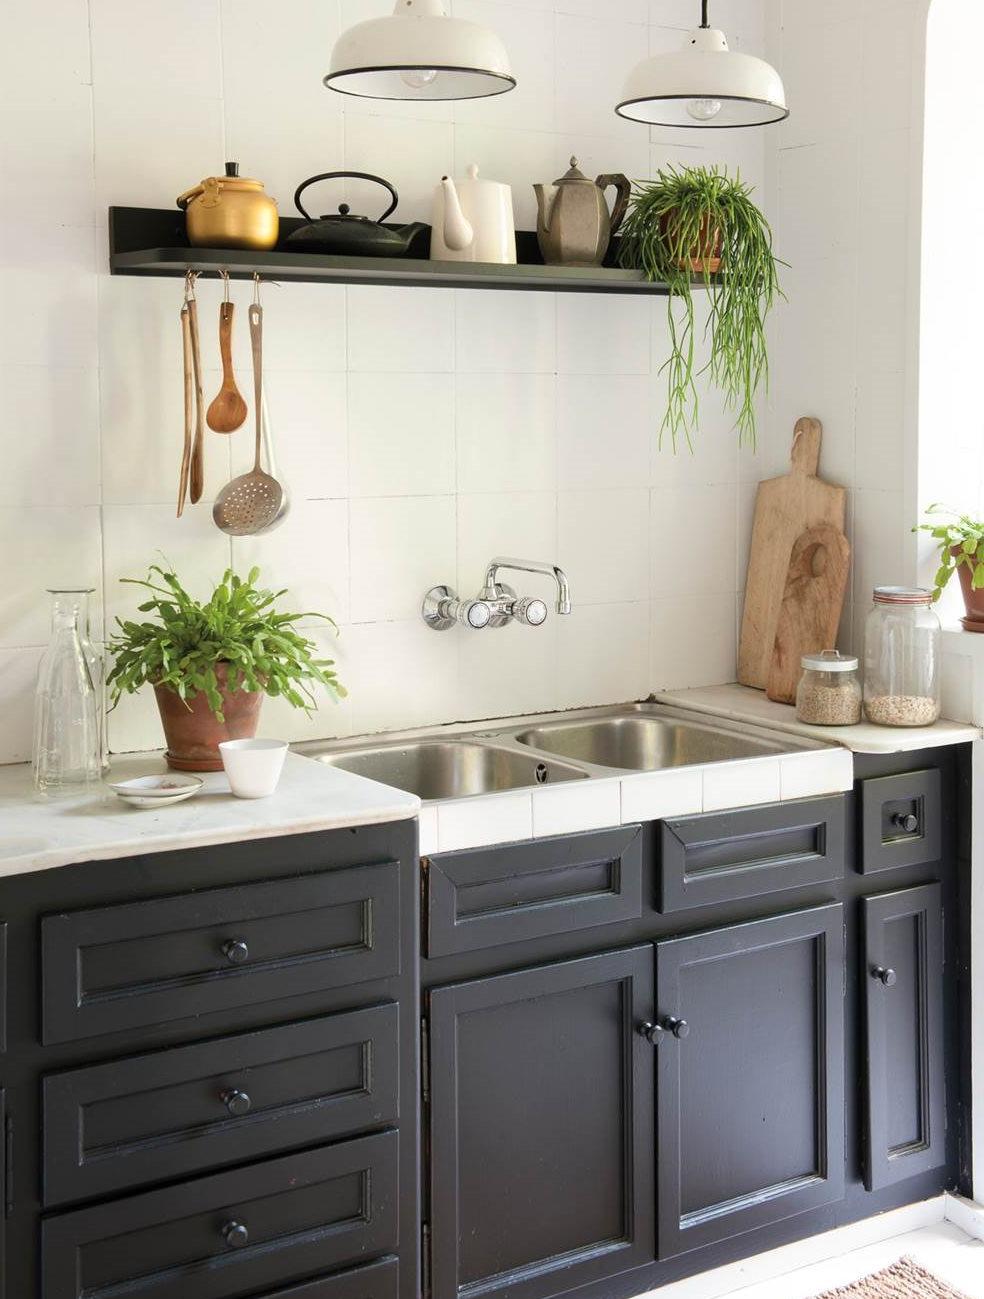 Precio Muebles De Cocina Q0d4 Reformar La Cocina De Low Cost A Presupuestos De 3000 Euros